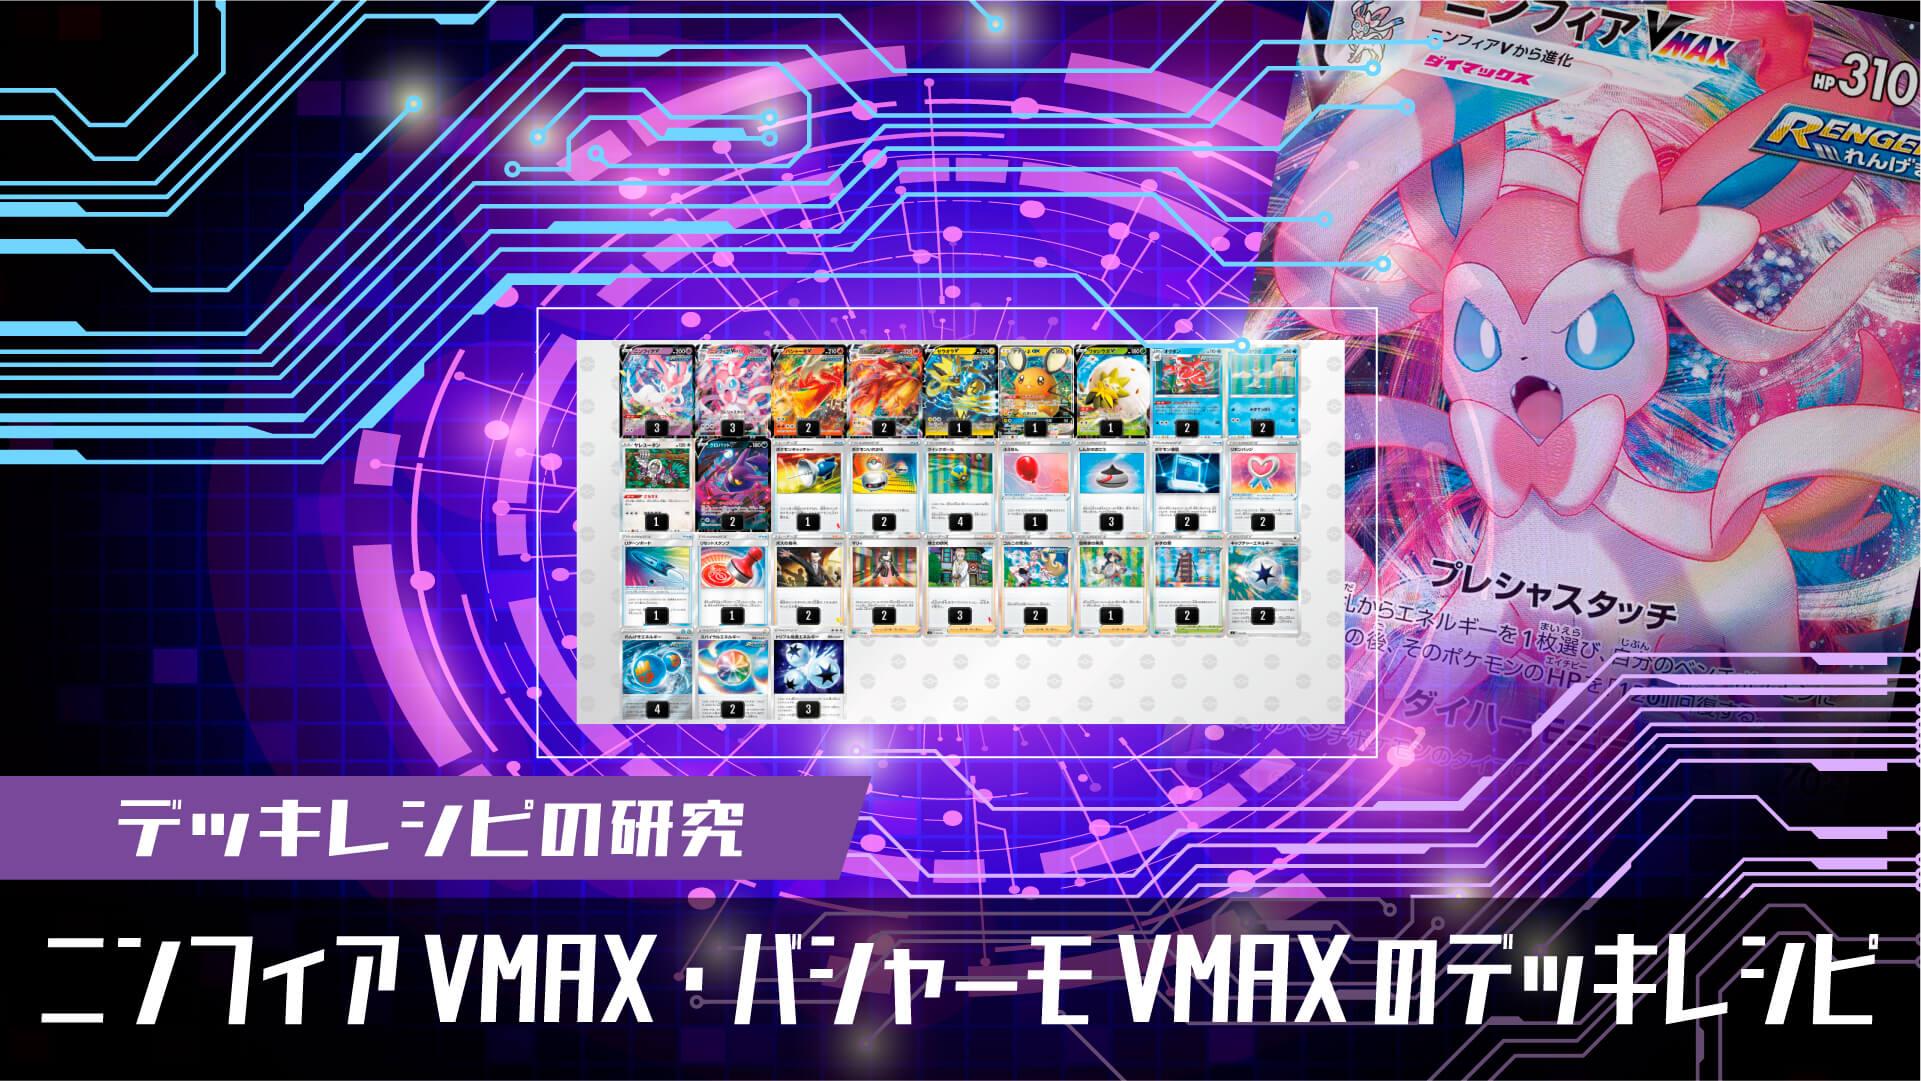 ニンフィアVMAX/バシャーモVMAXデッキ【れんげきバレット】変幻自在の入れ替え戦術